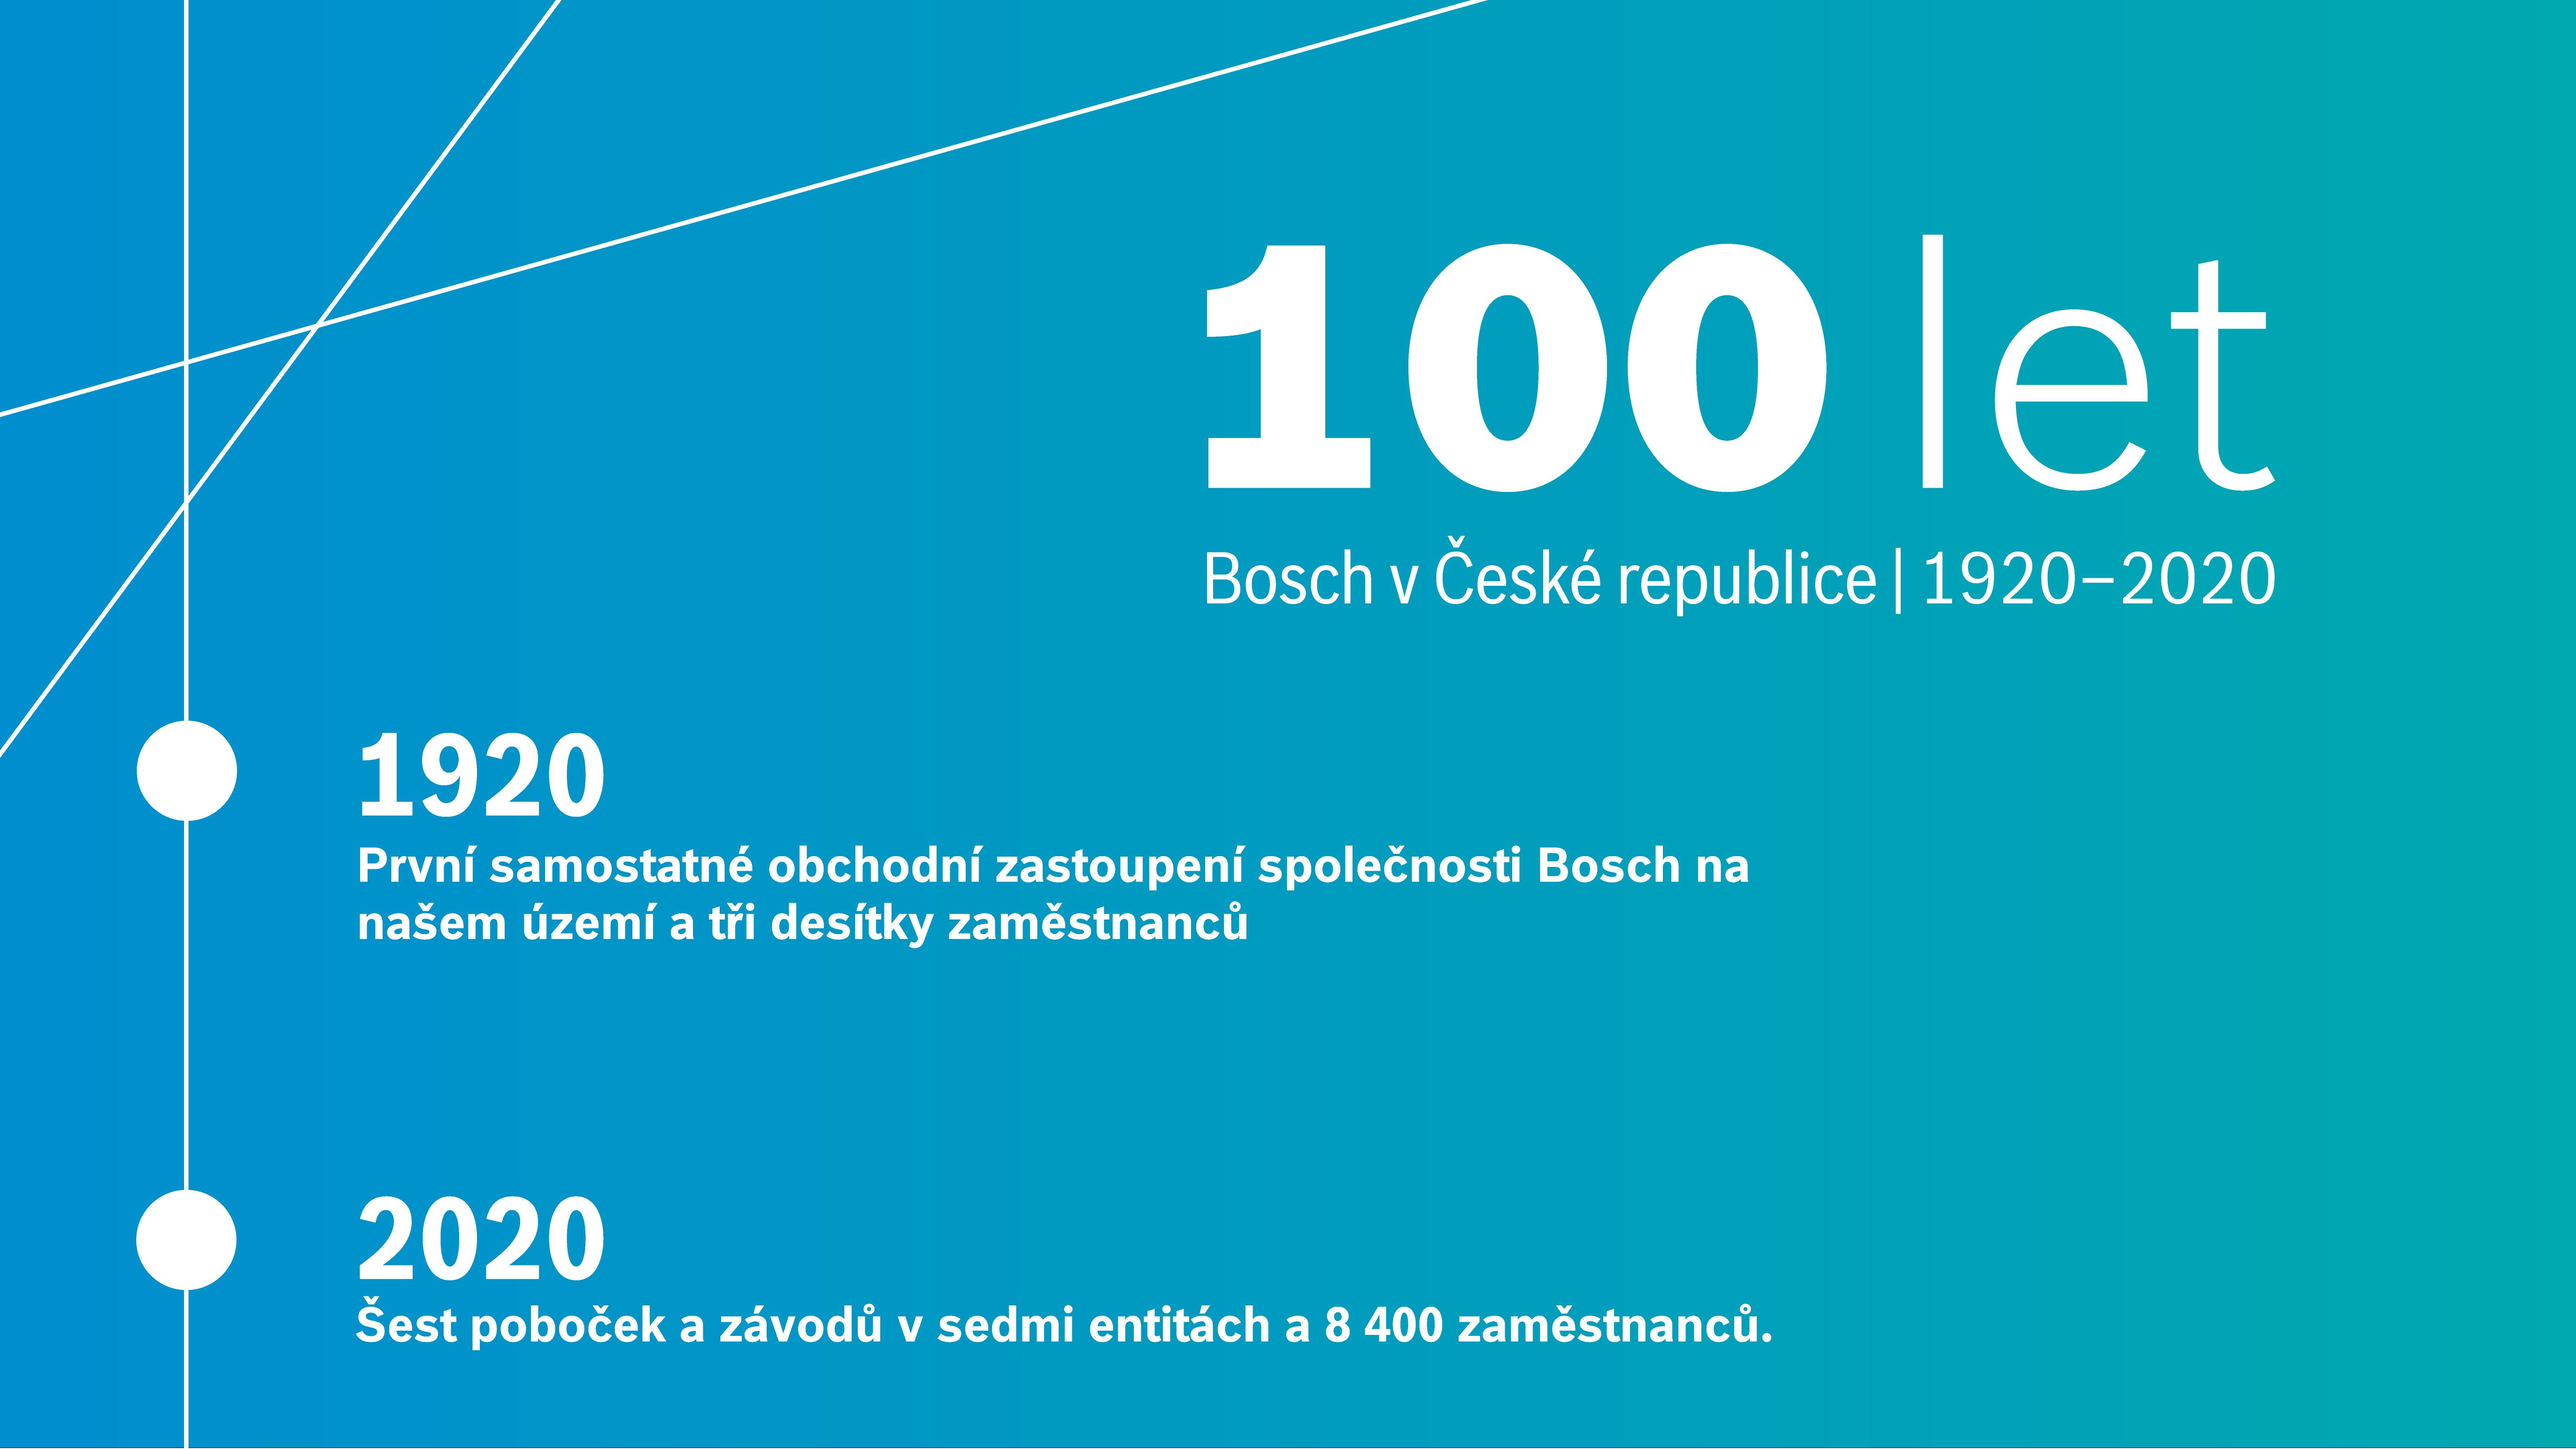 100 let Bosch v České republice